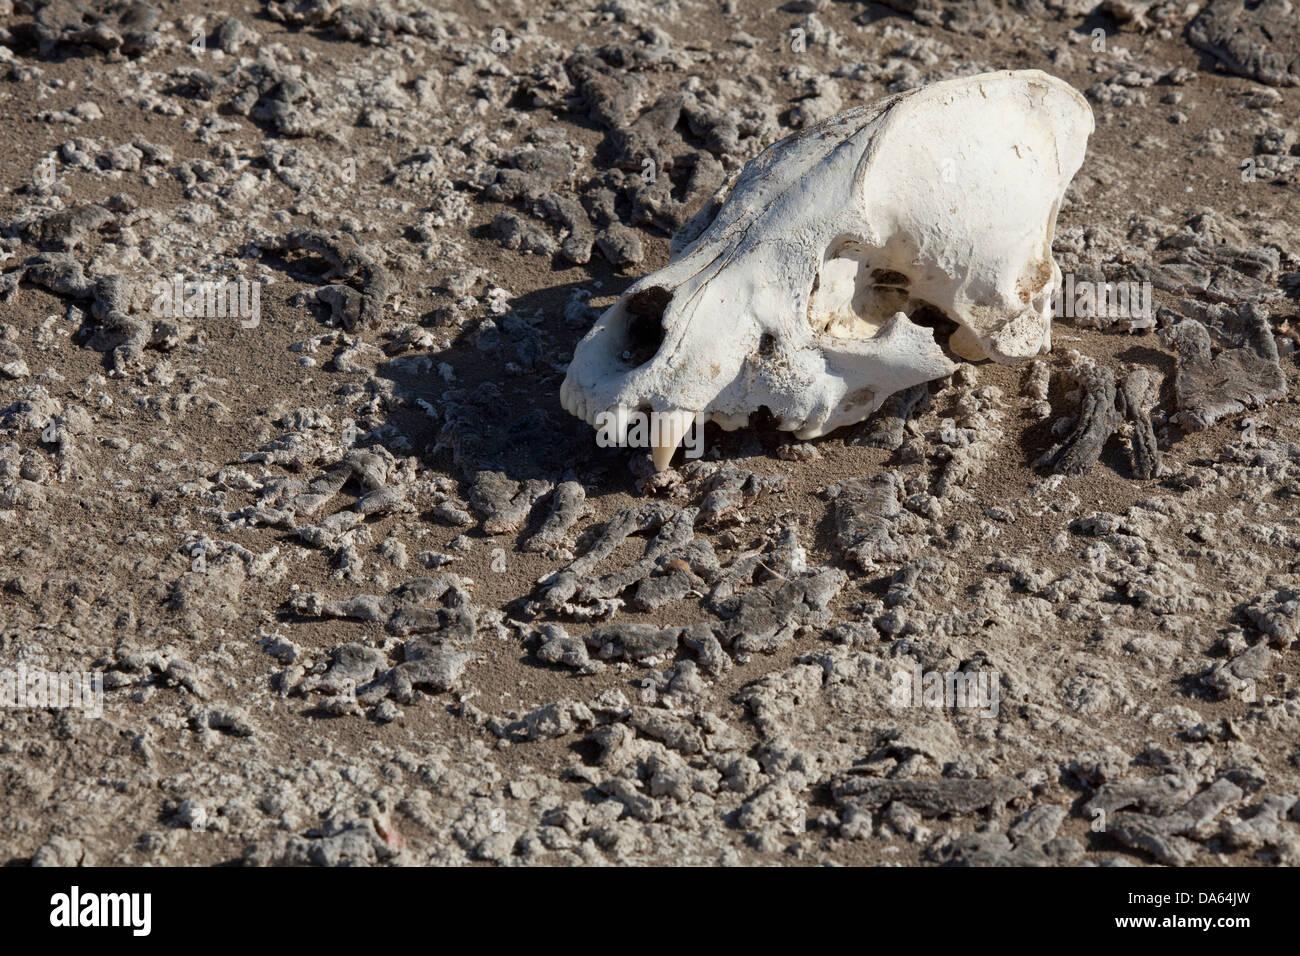 Hyäne, Schädel, Knochen, Wüste Danakil, Afrika, Dschibuti, Stockbild